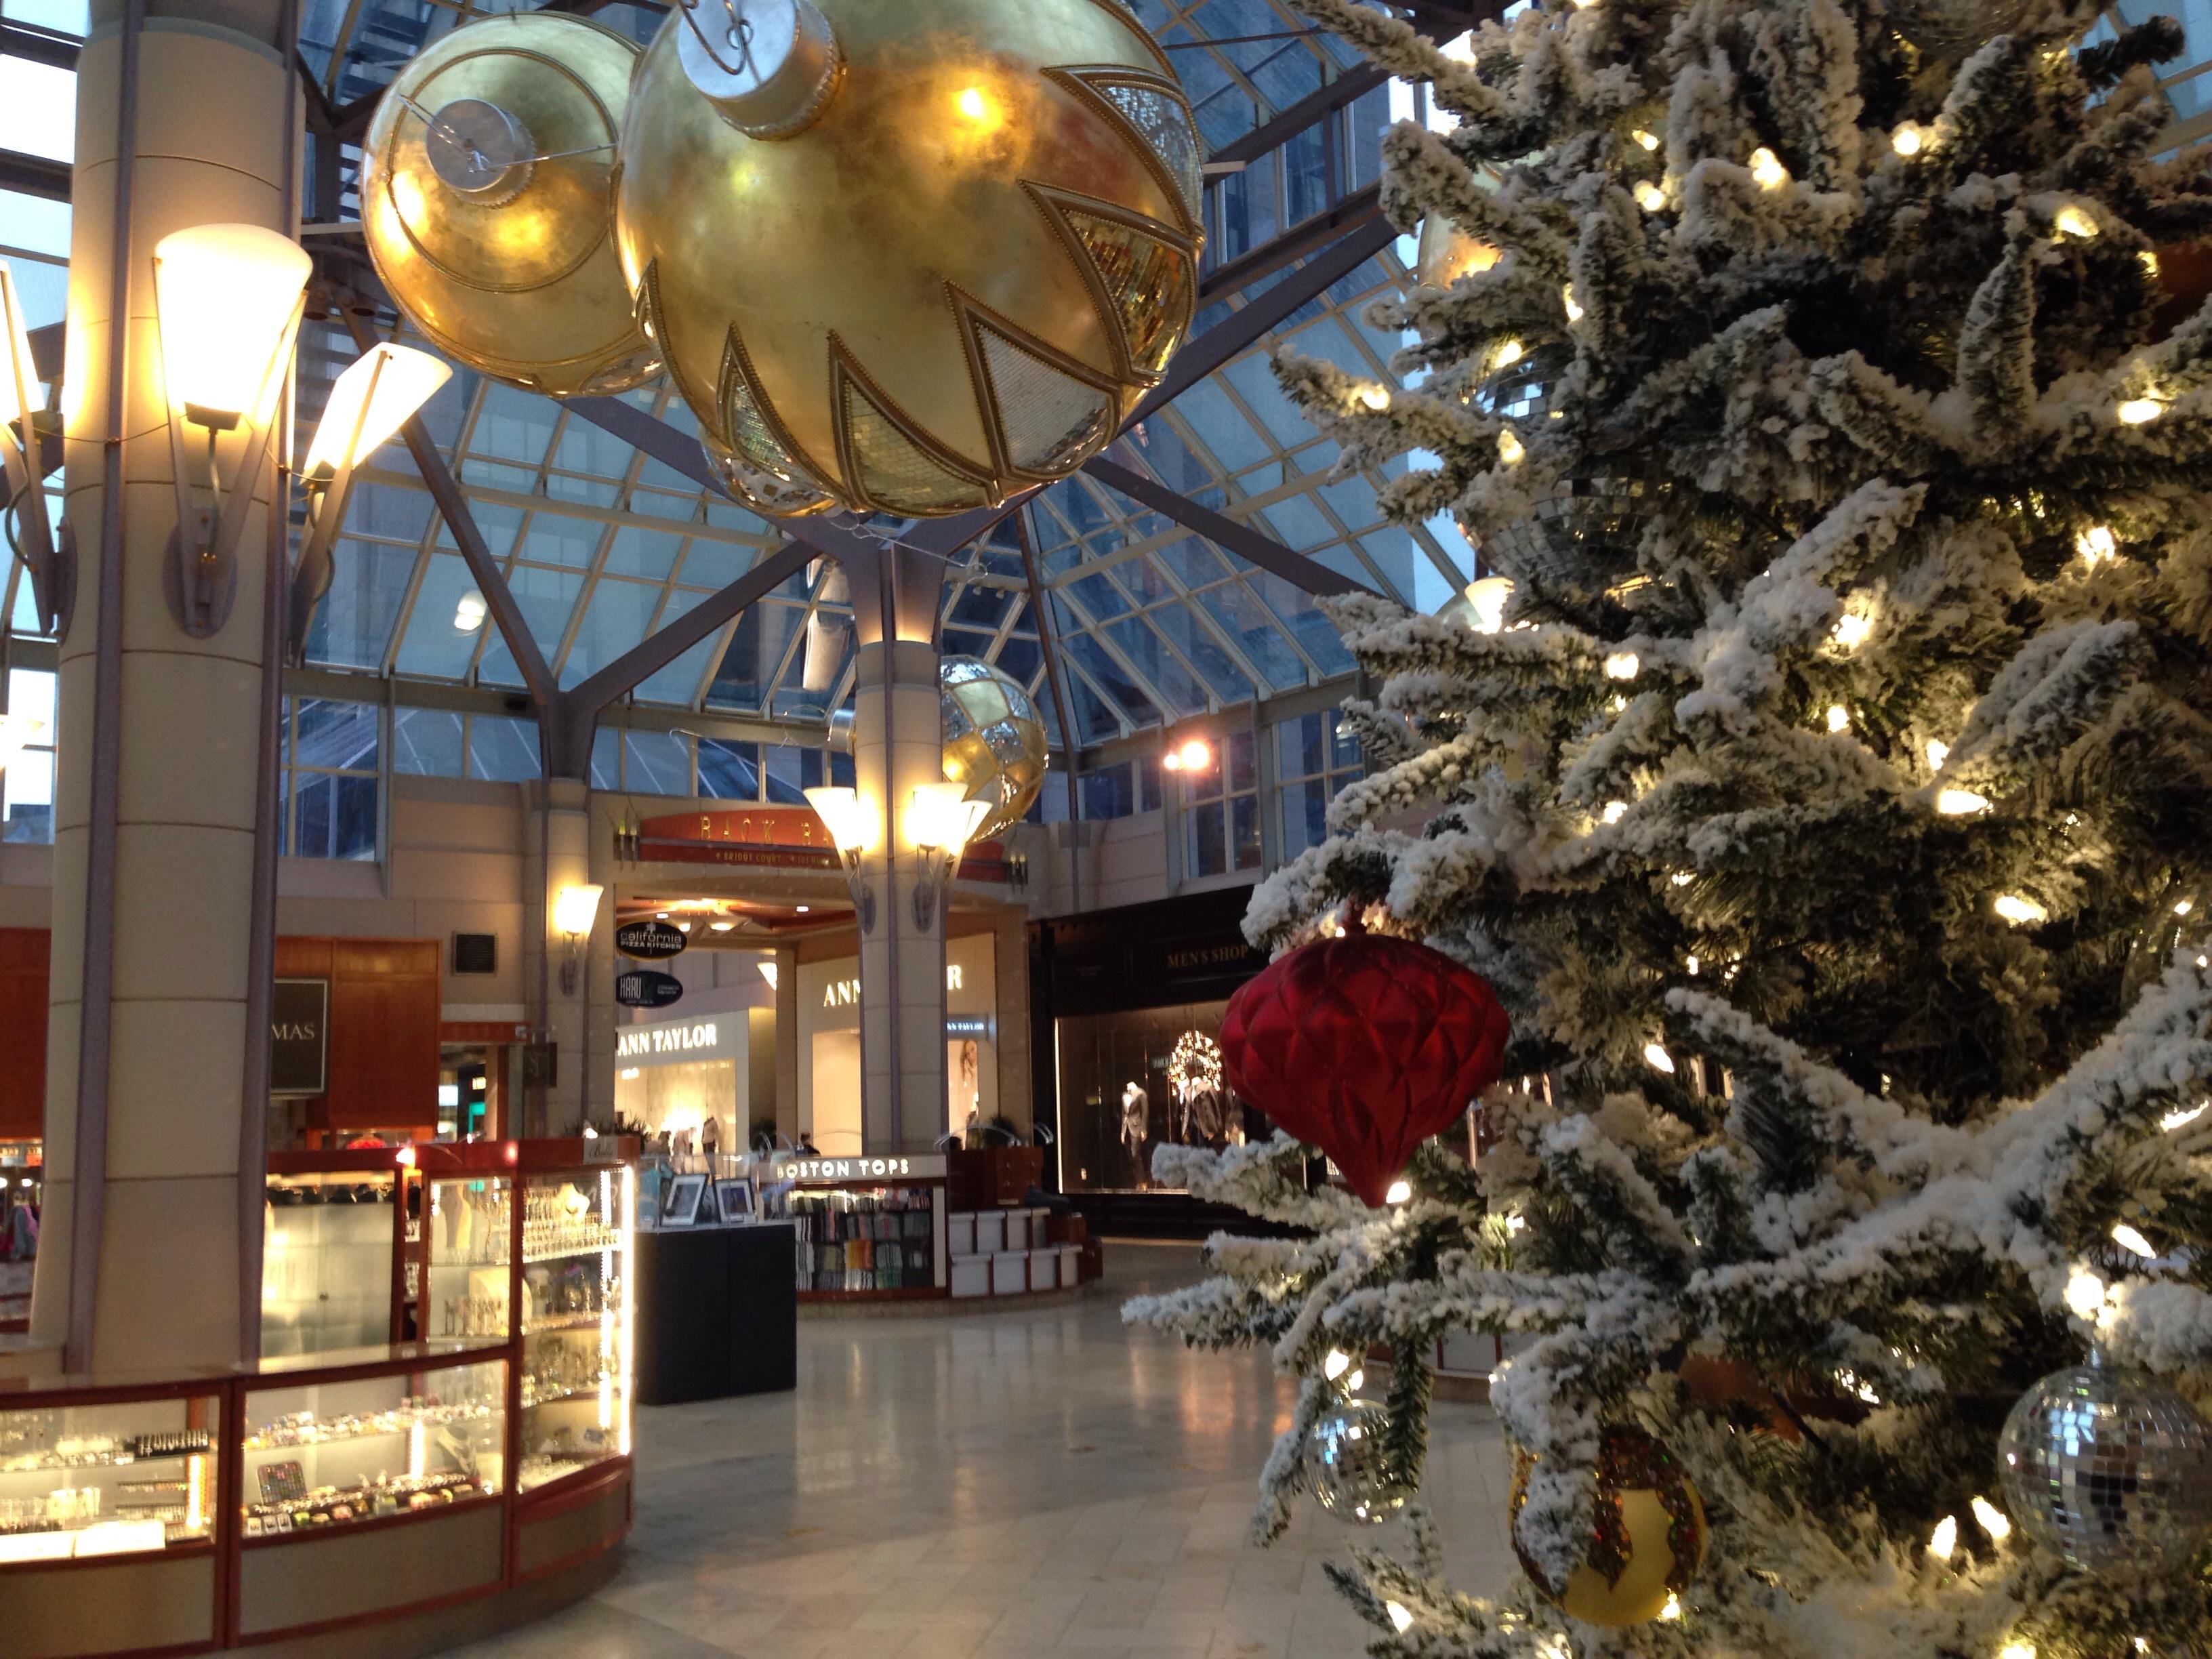 Christmas In Boston Massachusetts.Wallpaper Christmas Decorations Boston Massachusetts